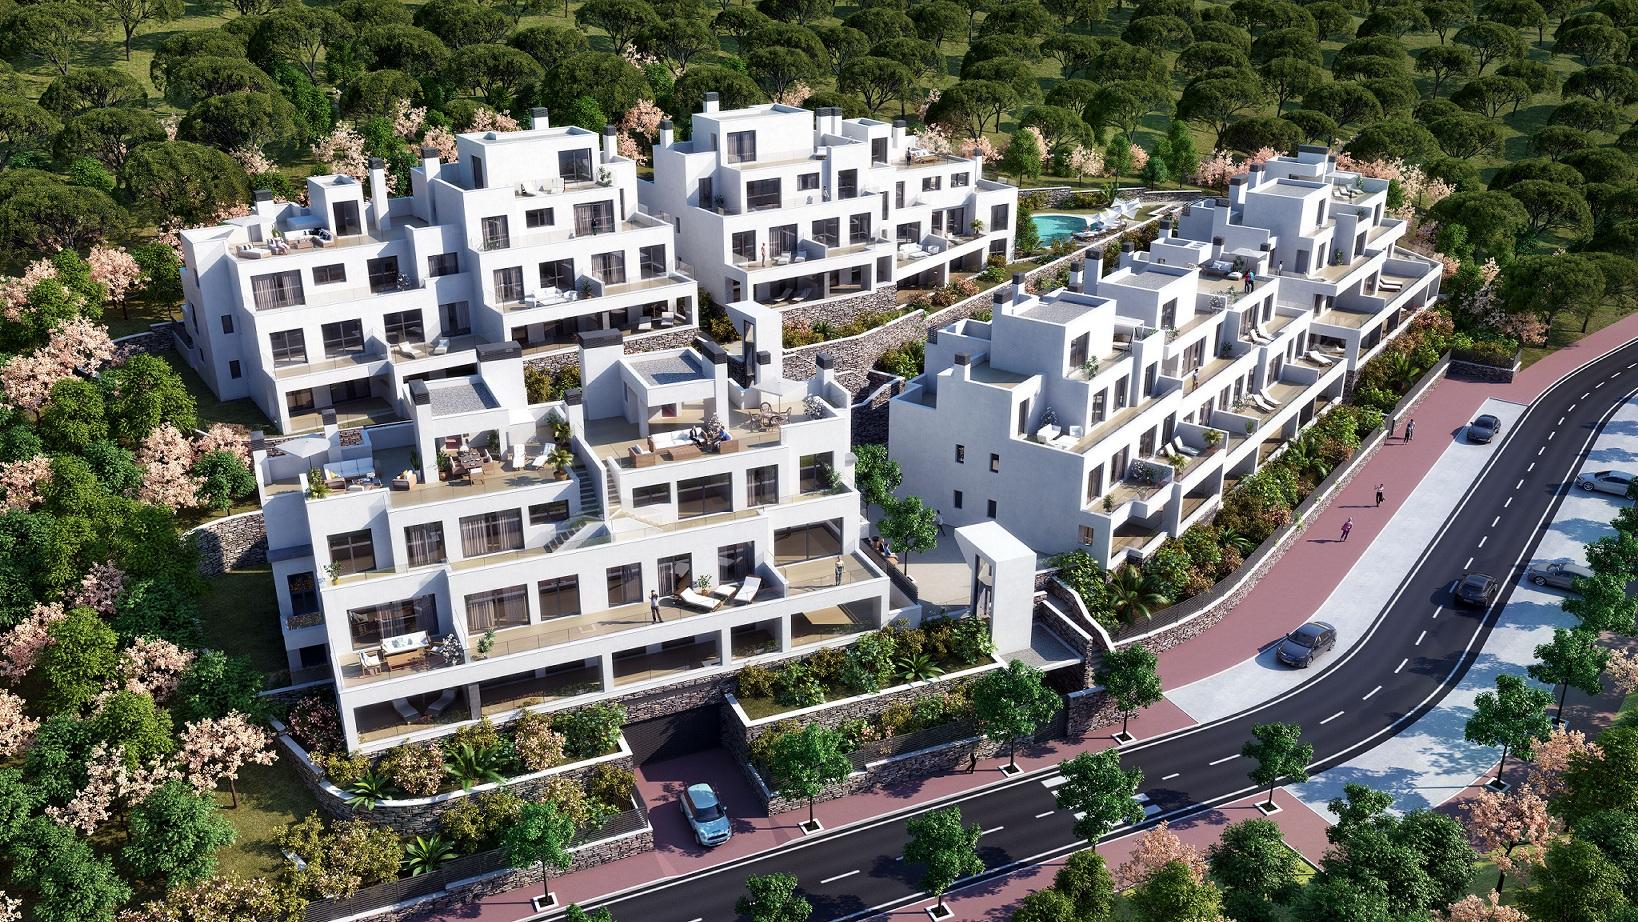 Nuevos apartamentos en Marbella con vistas panorámicas